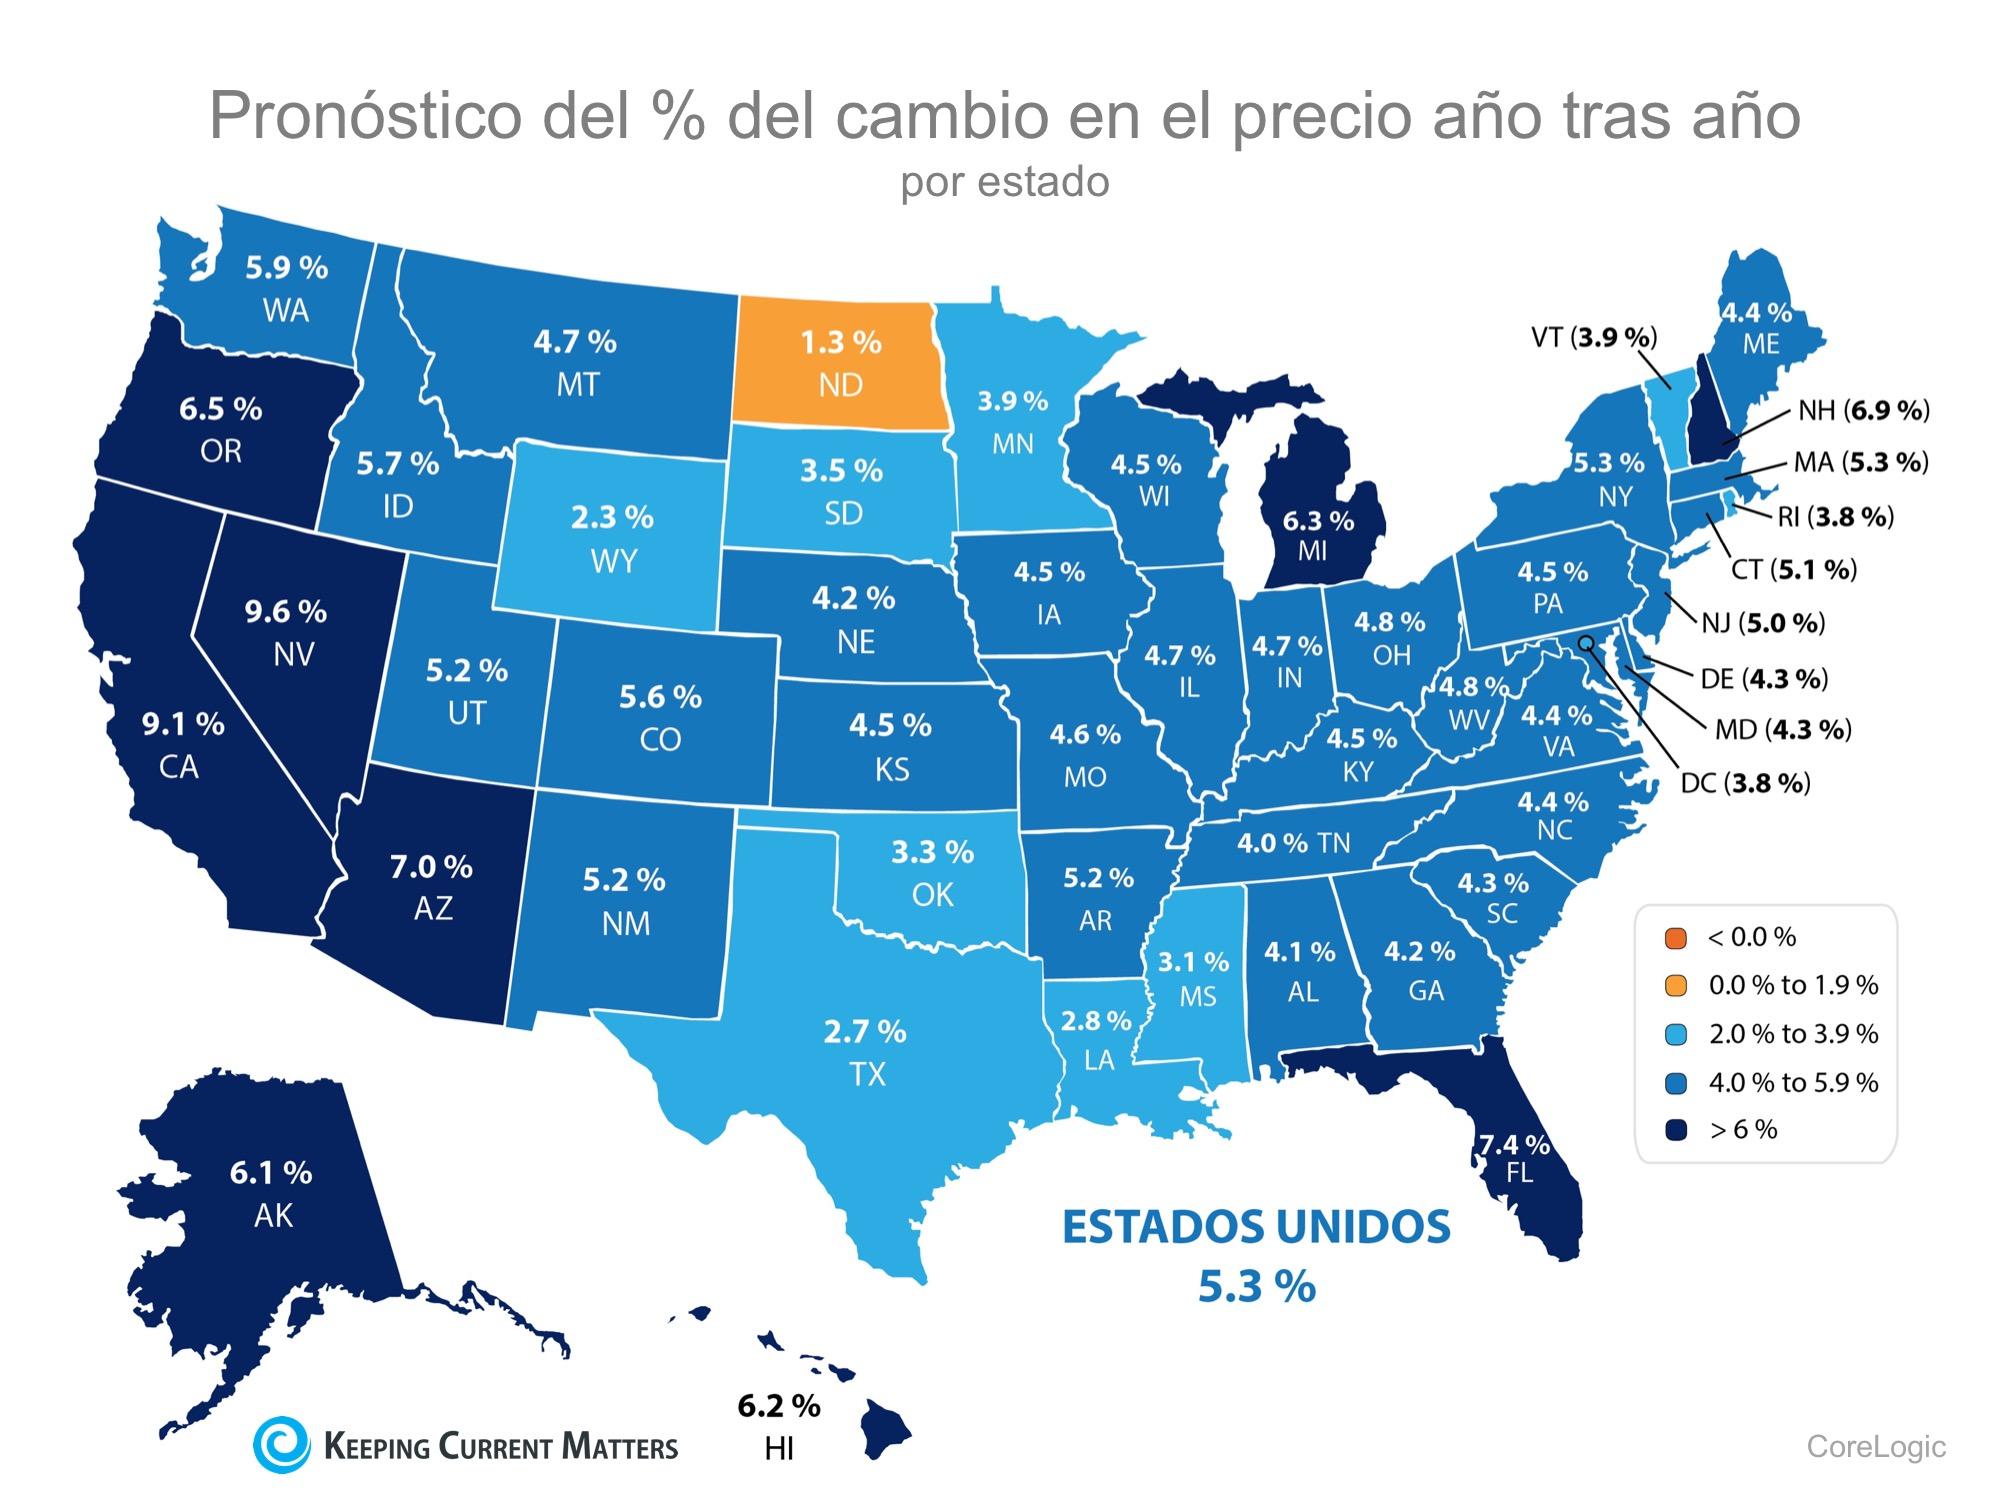 El pasado, el presente & el futuro de los precios de las viviendas | Keeping Current Matters